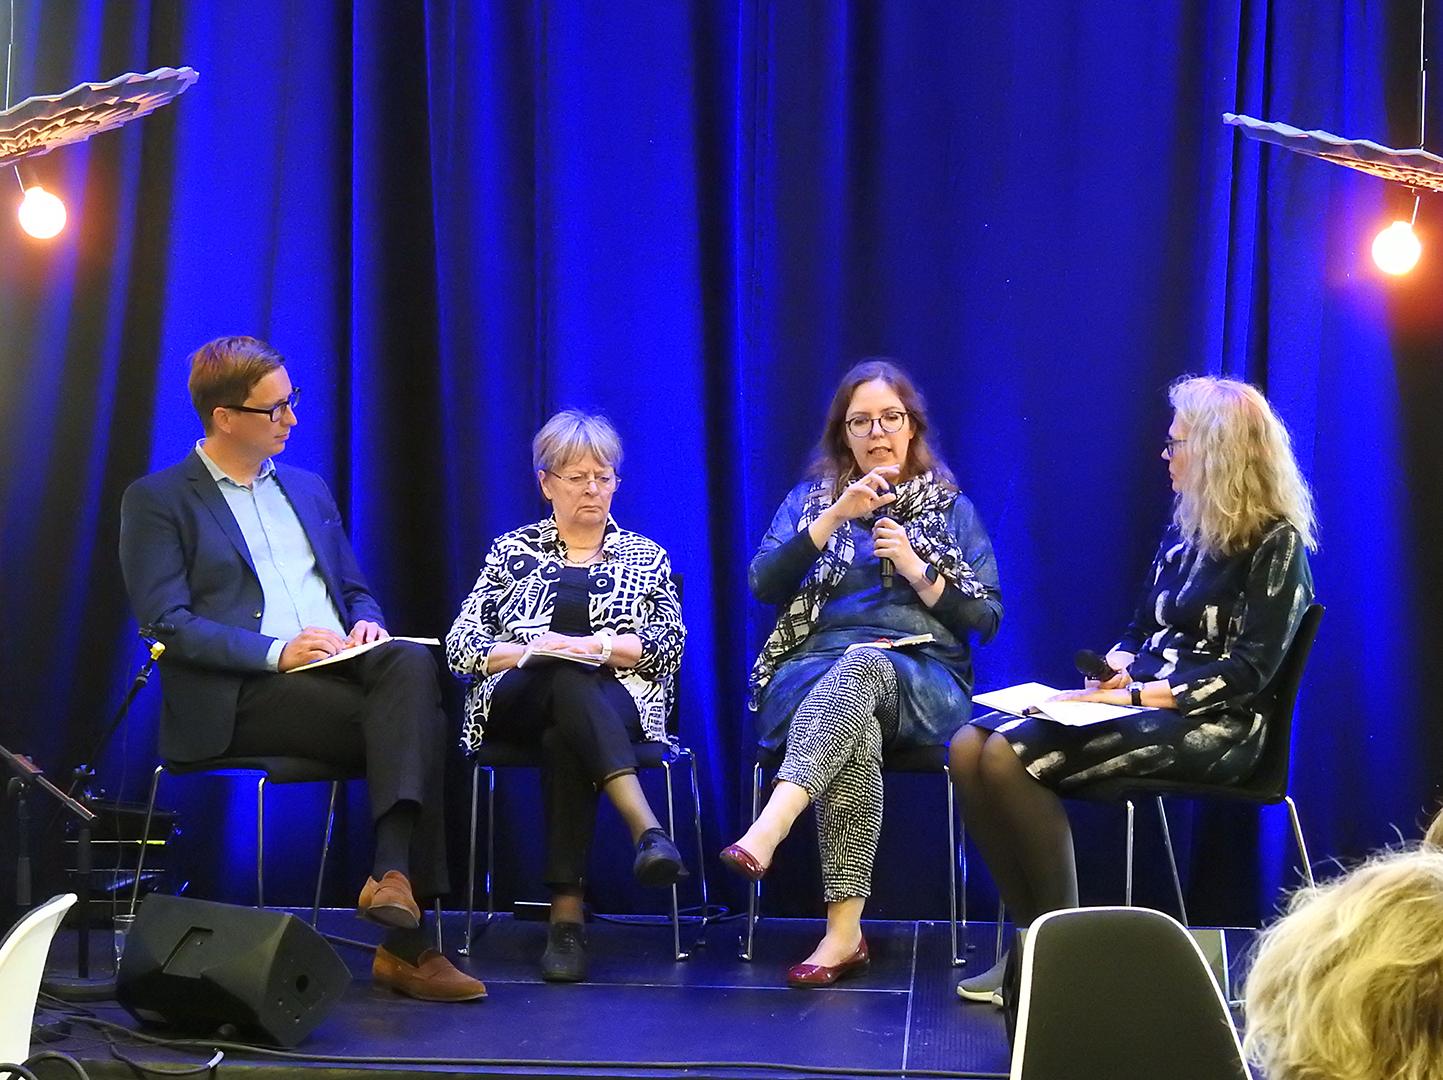 Kuvassa vasemmalta: Jaakko Kuosmanen, Liisa Jaakonsaari, Emilia Palonen, Reetta Kettunen